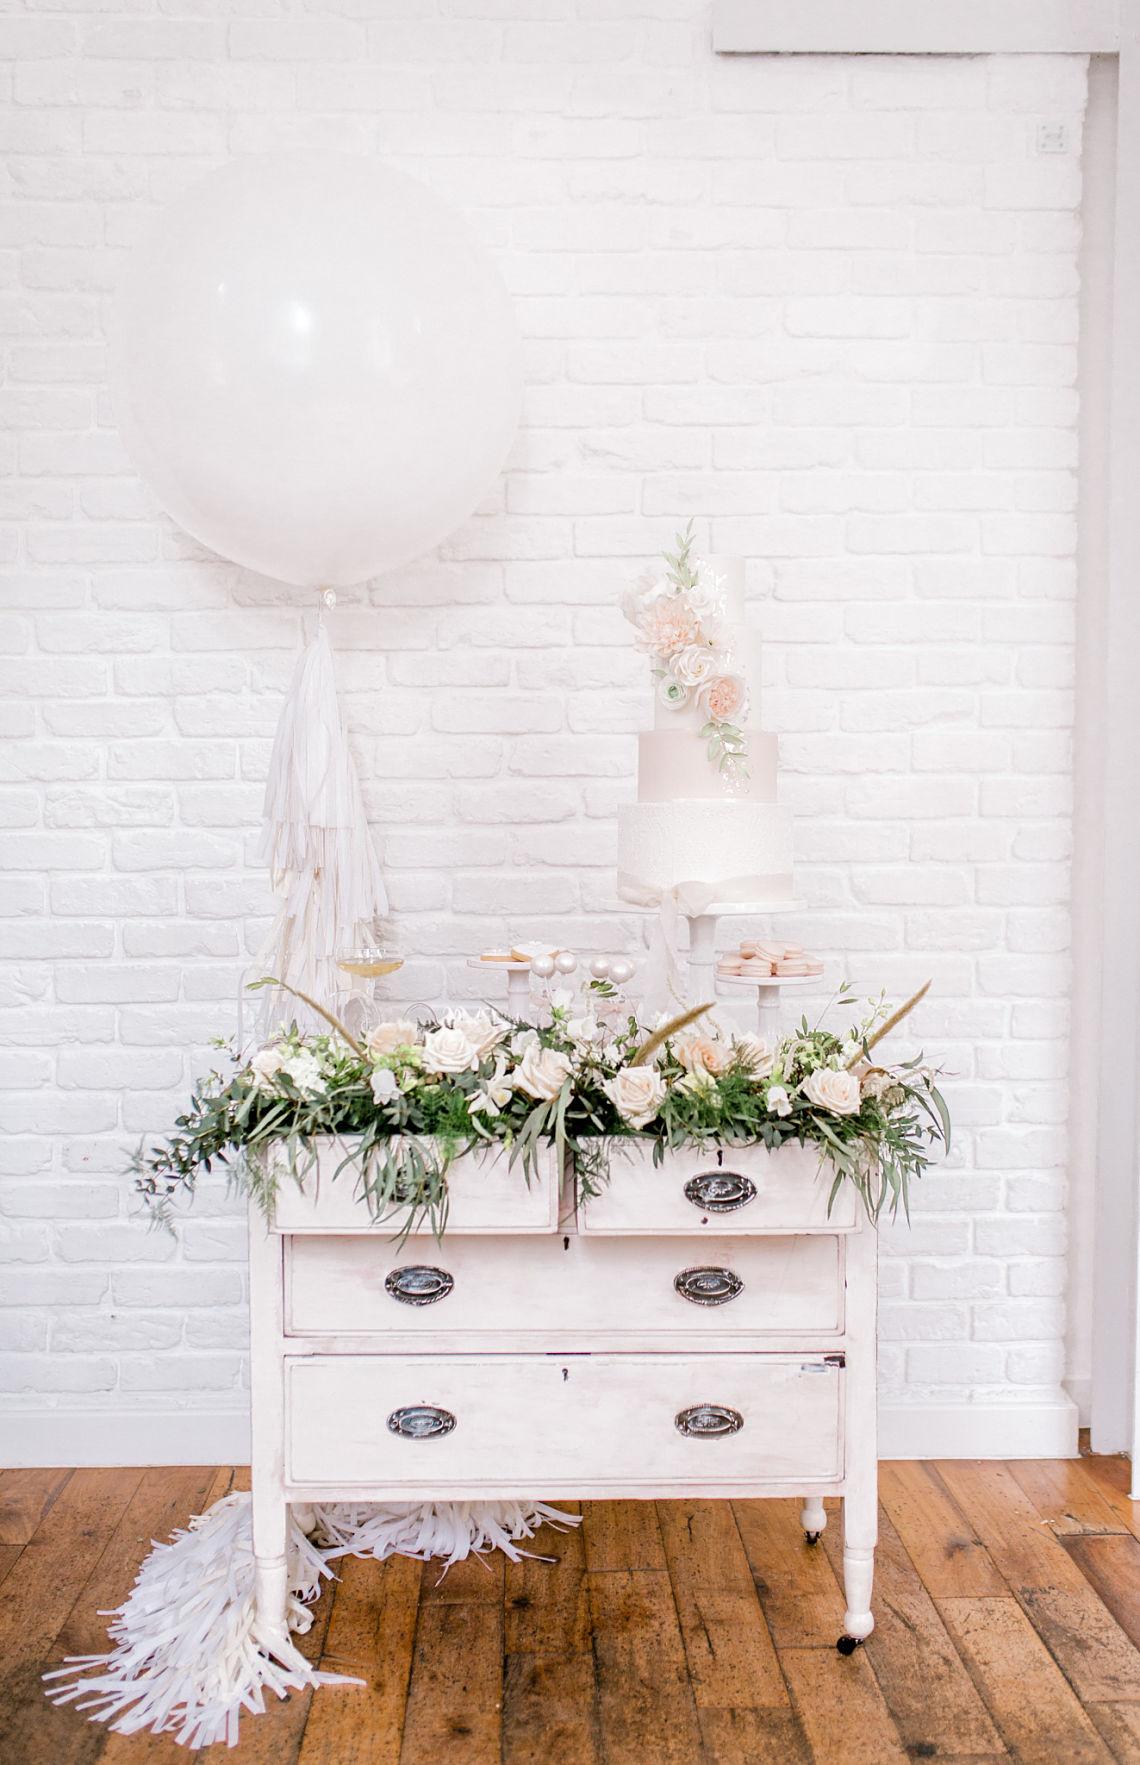 wedding dessert table - wedding styling - essex wedding planner